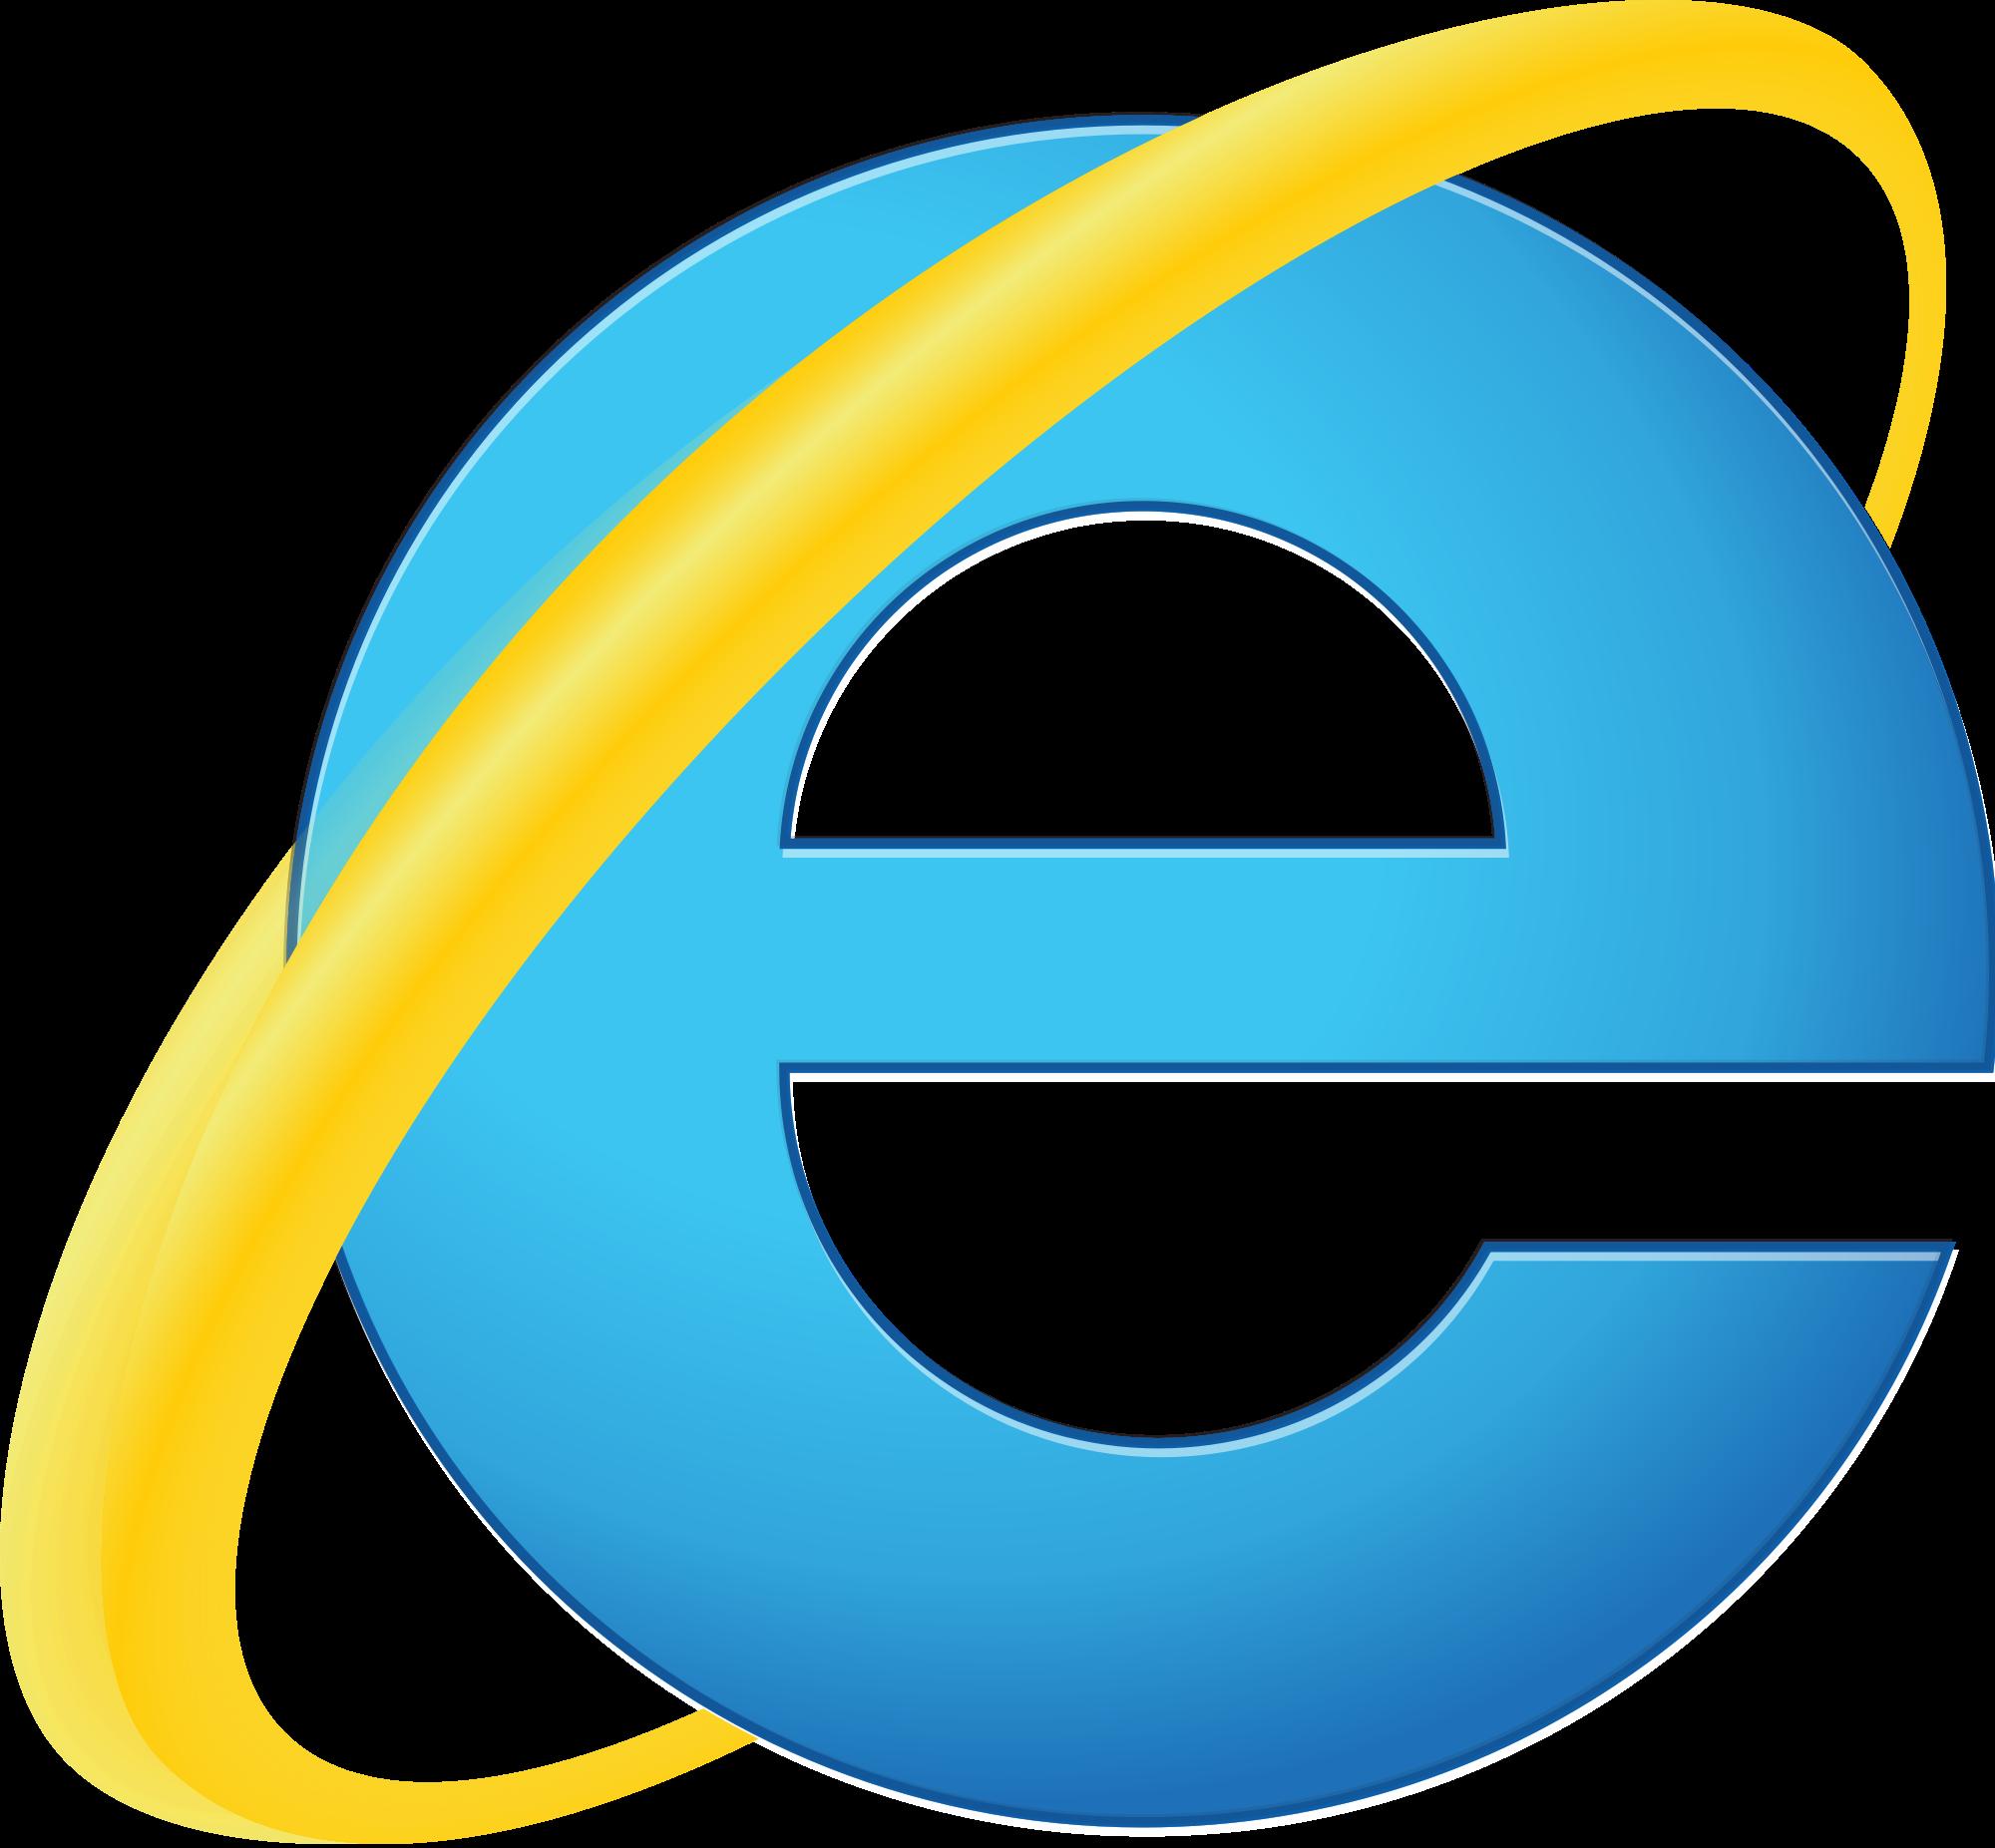 Internet clipart transparent. Explorer icon web icons